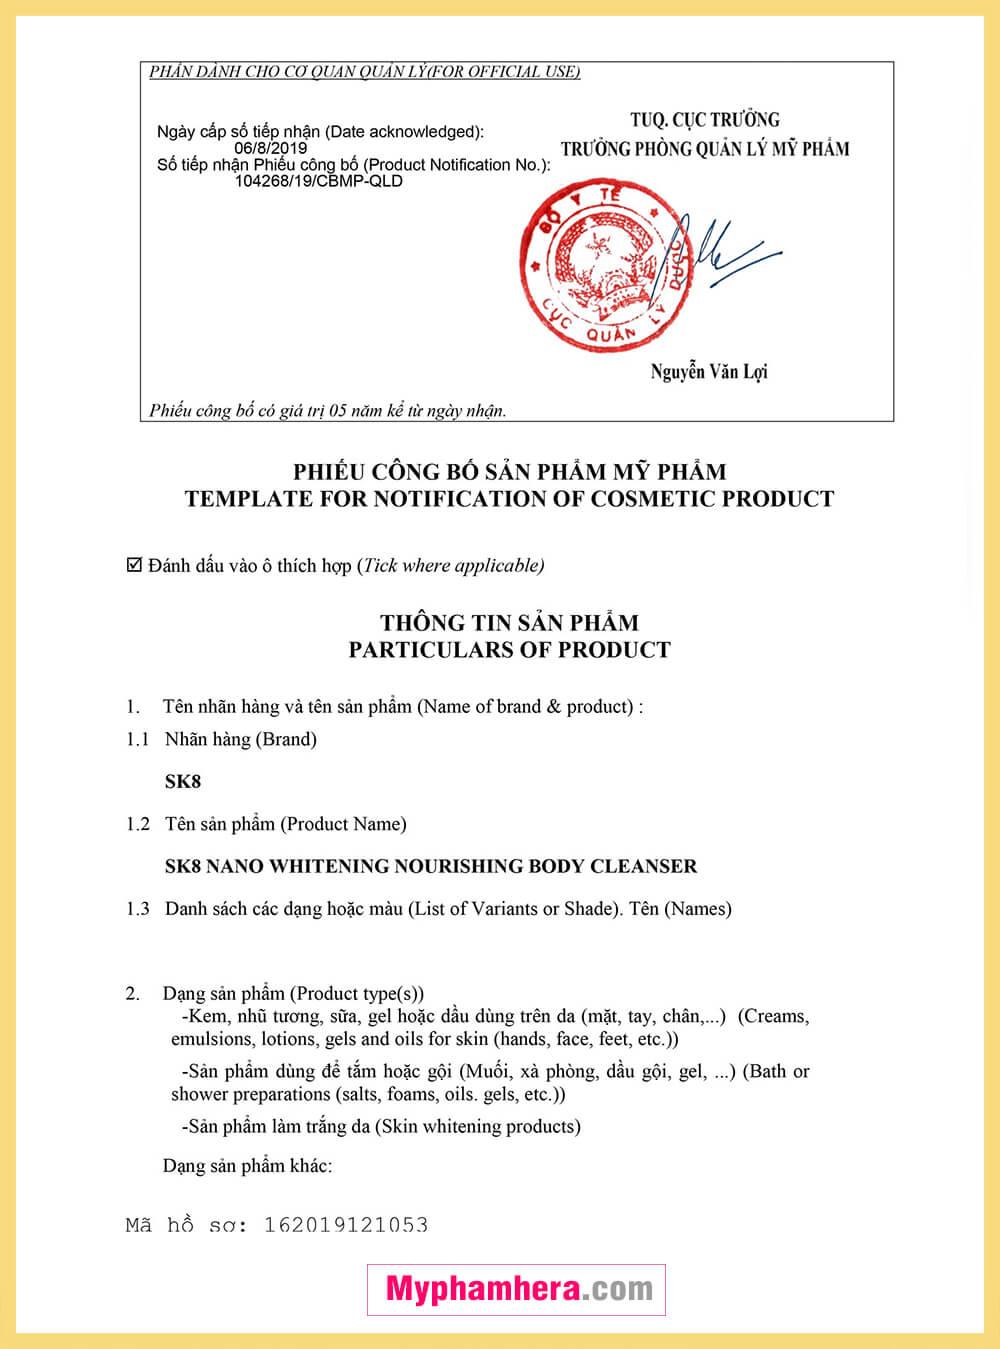 giấy chứng nhận sản phẩm tắm trắng da sk8 hàn quốc